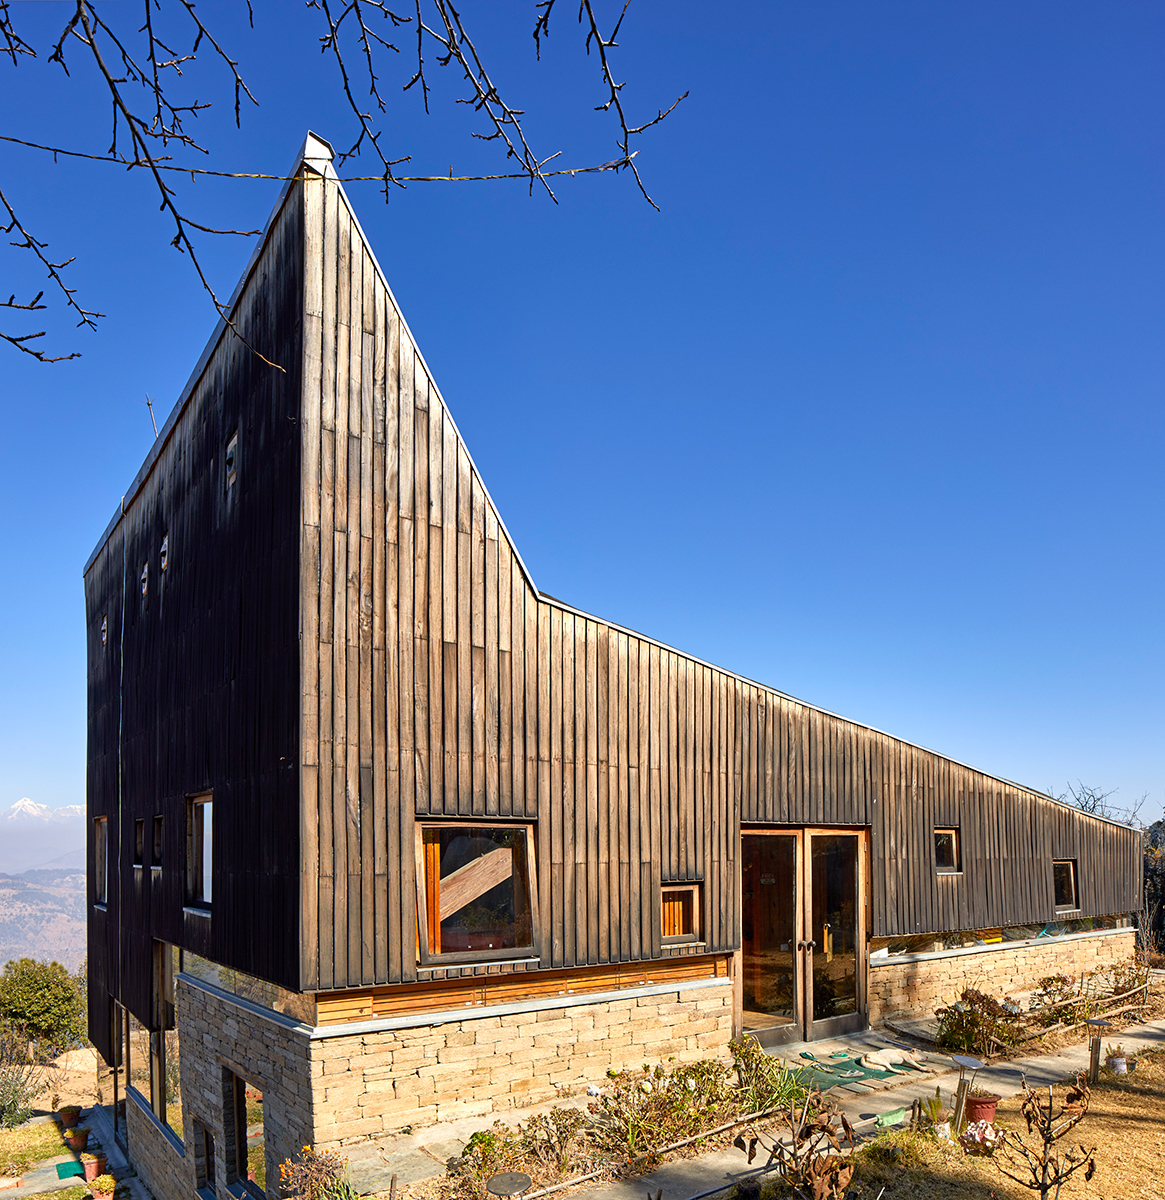 woodhouse-matra-architects.edmund-summer-7